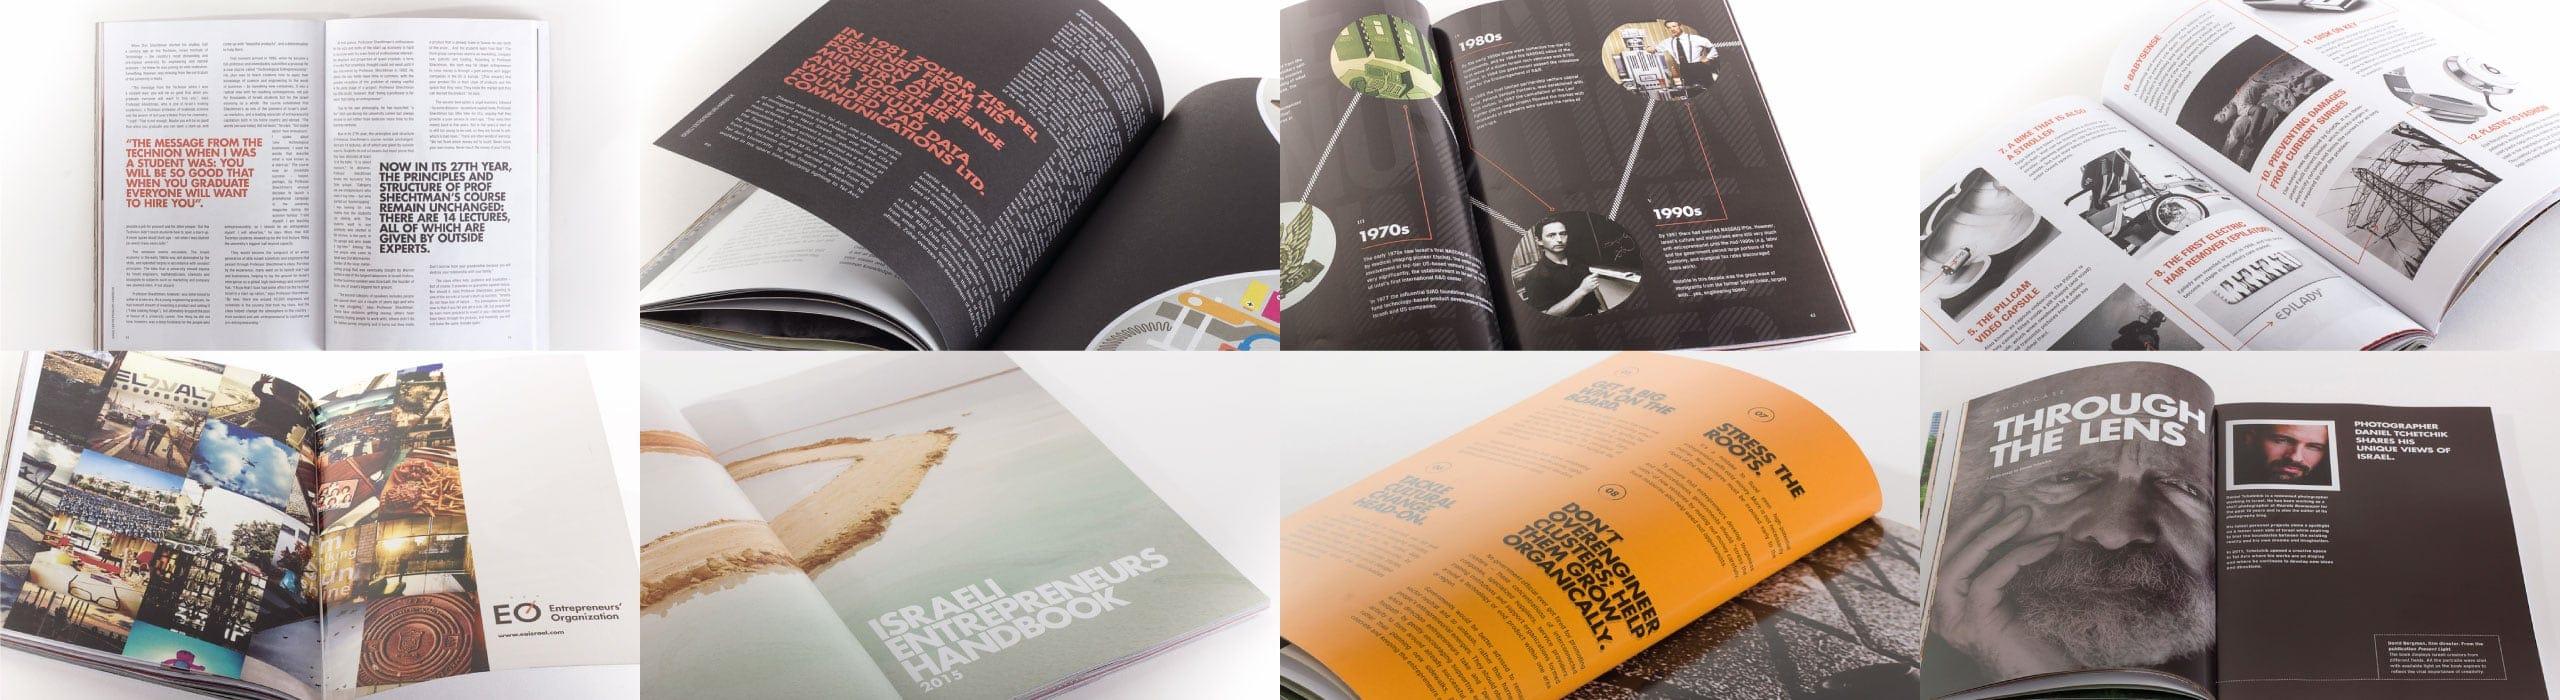 EO Israel - natie-eo-israel-handbook-02 - Natie Branding Agency